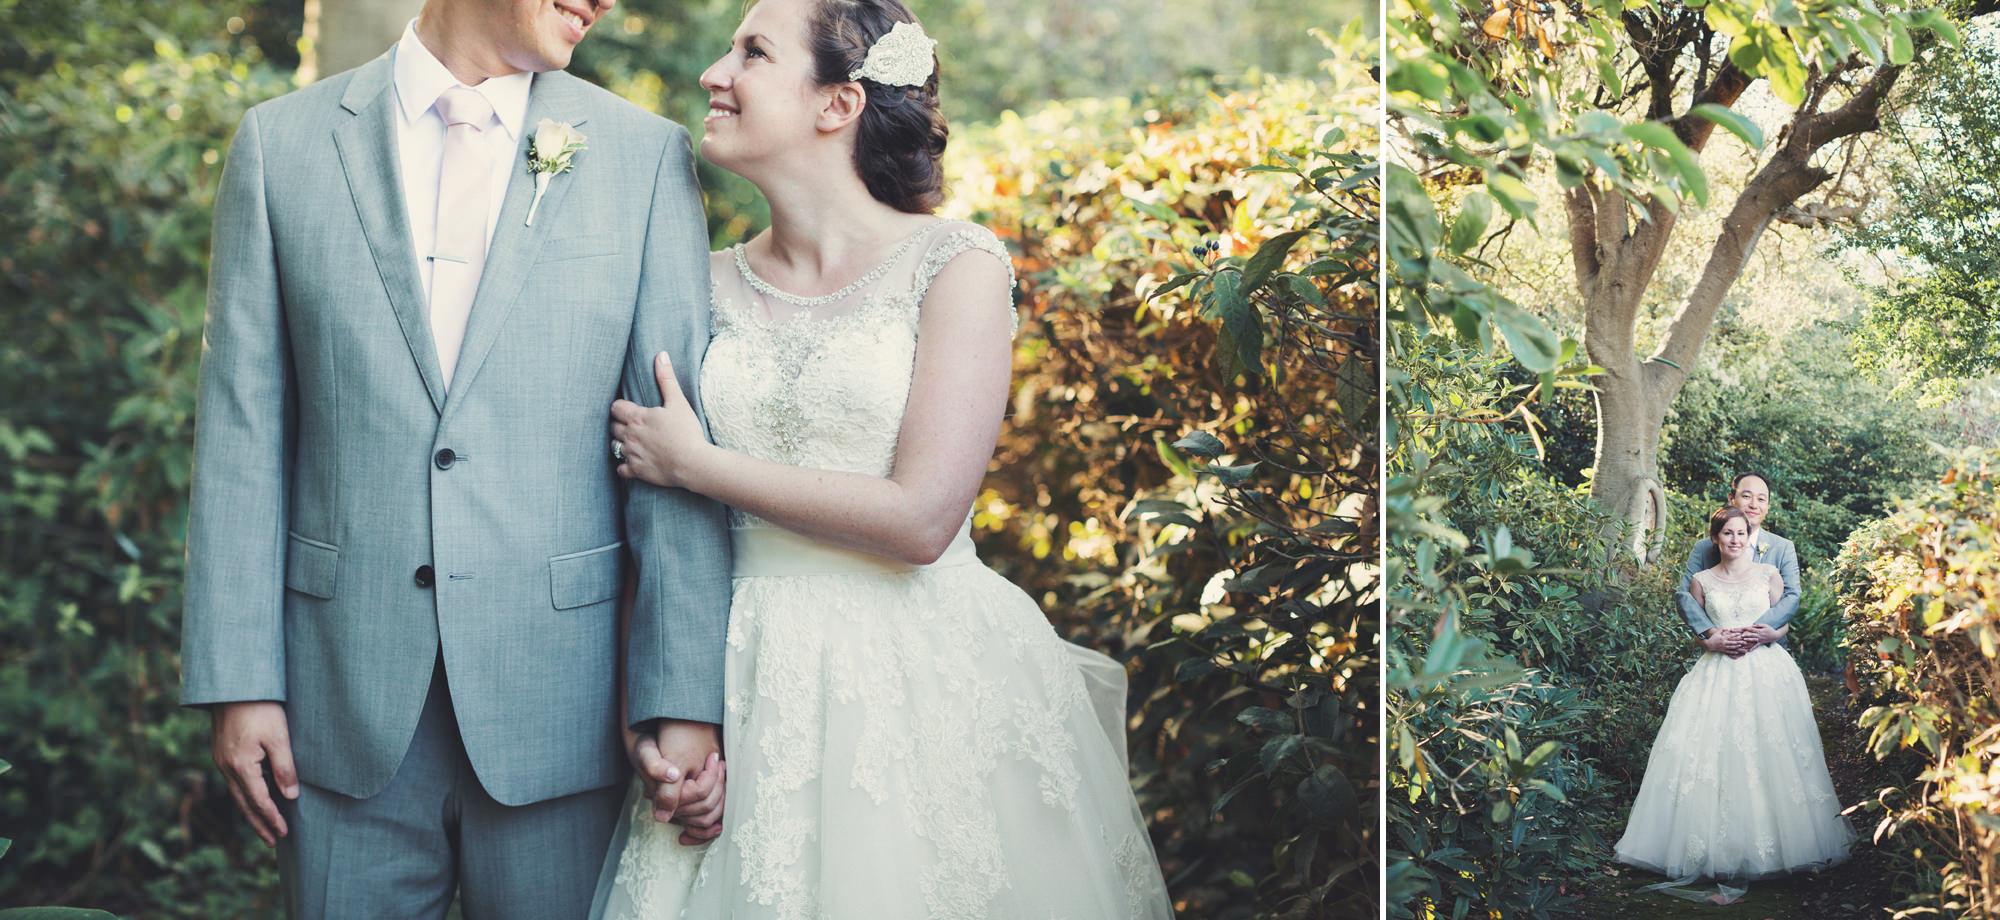 Garden Valley Ranch Wedding@Anne-Claire Brun 64